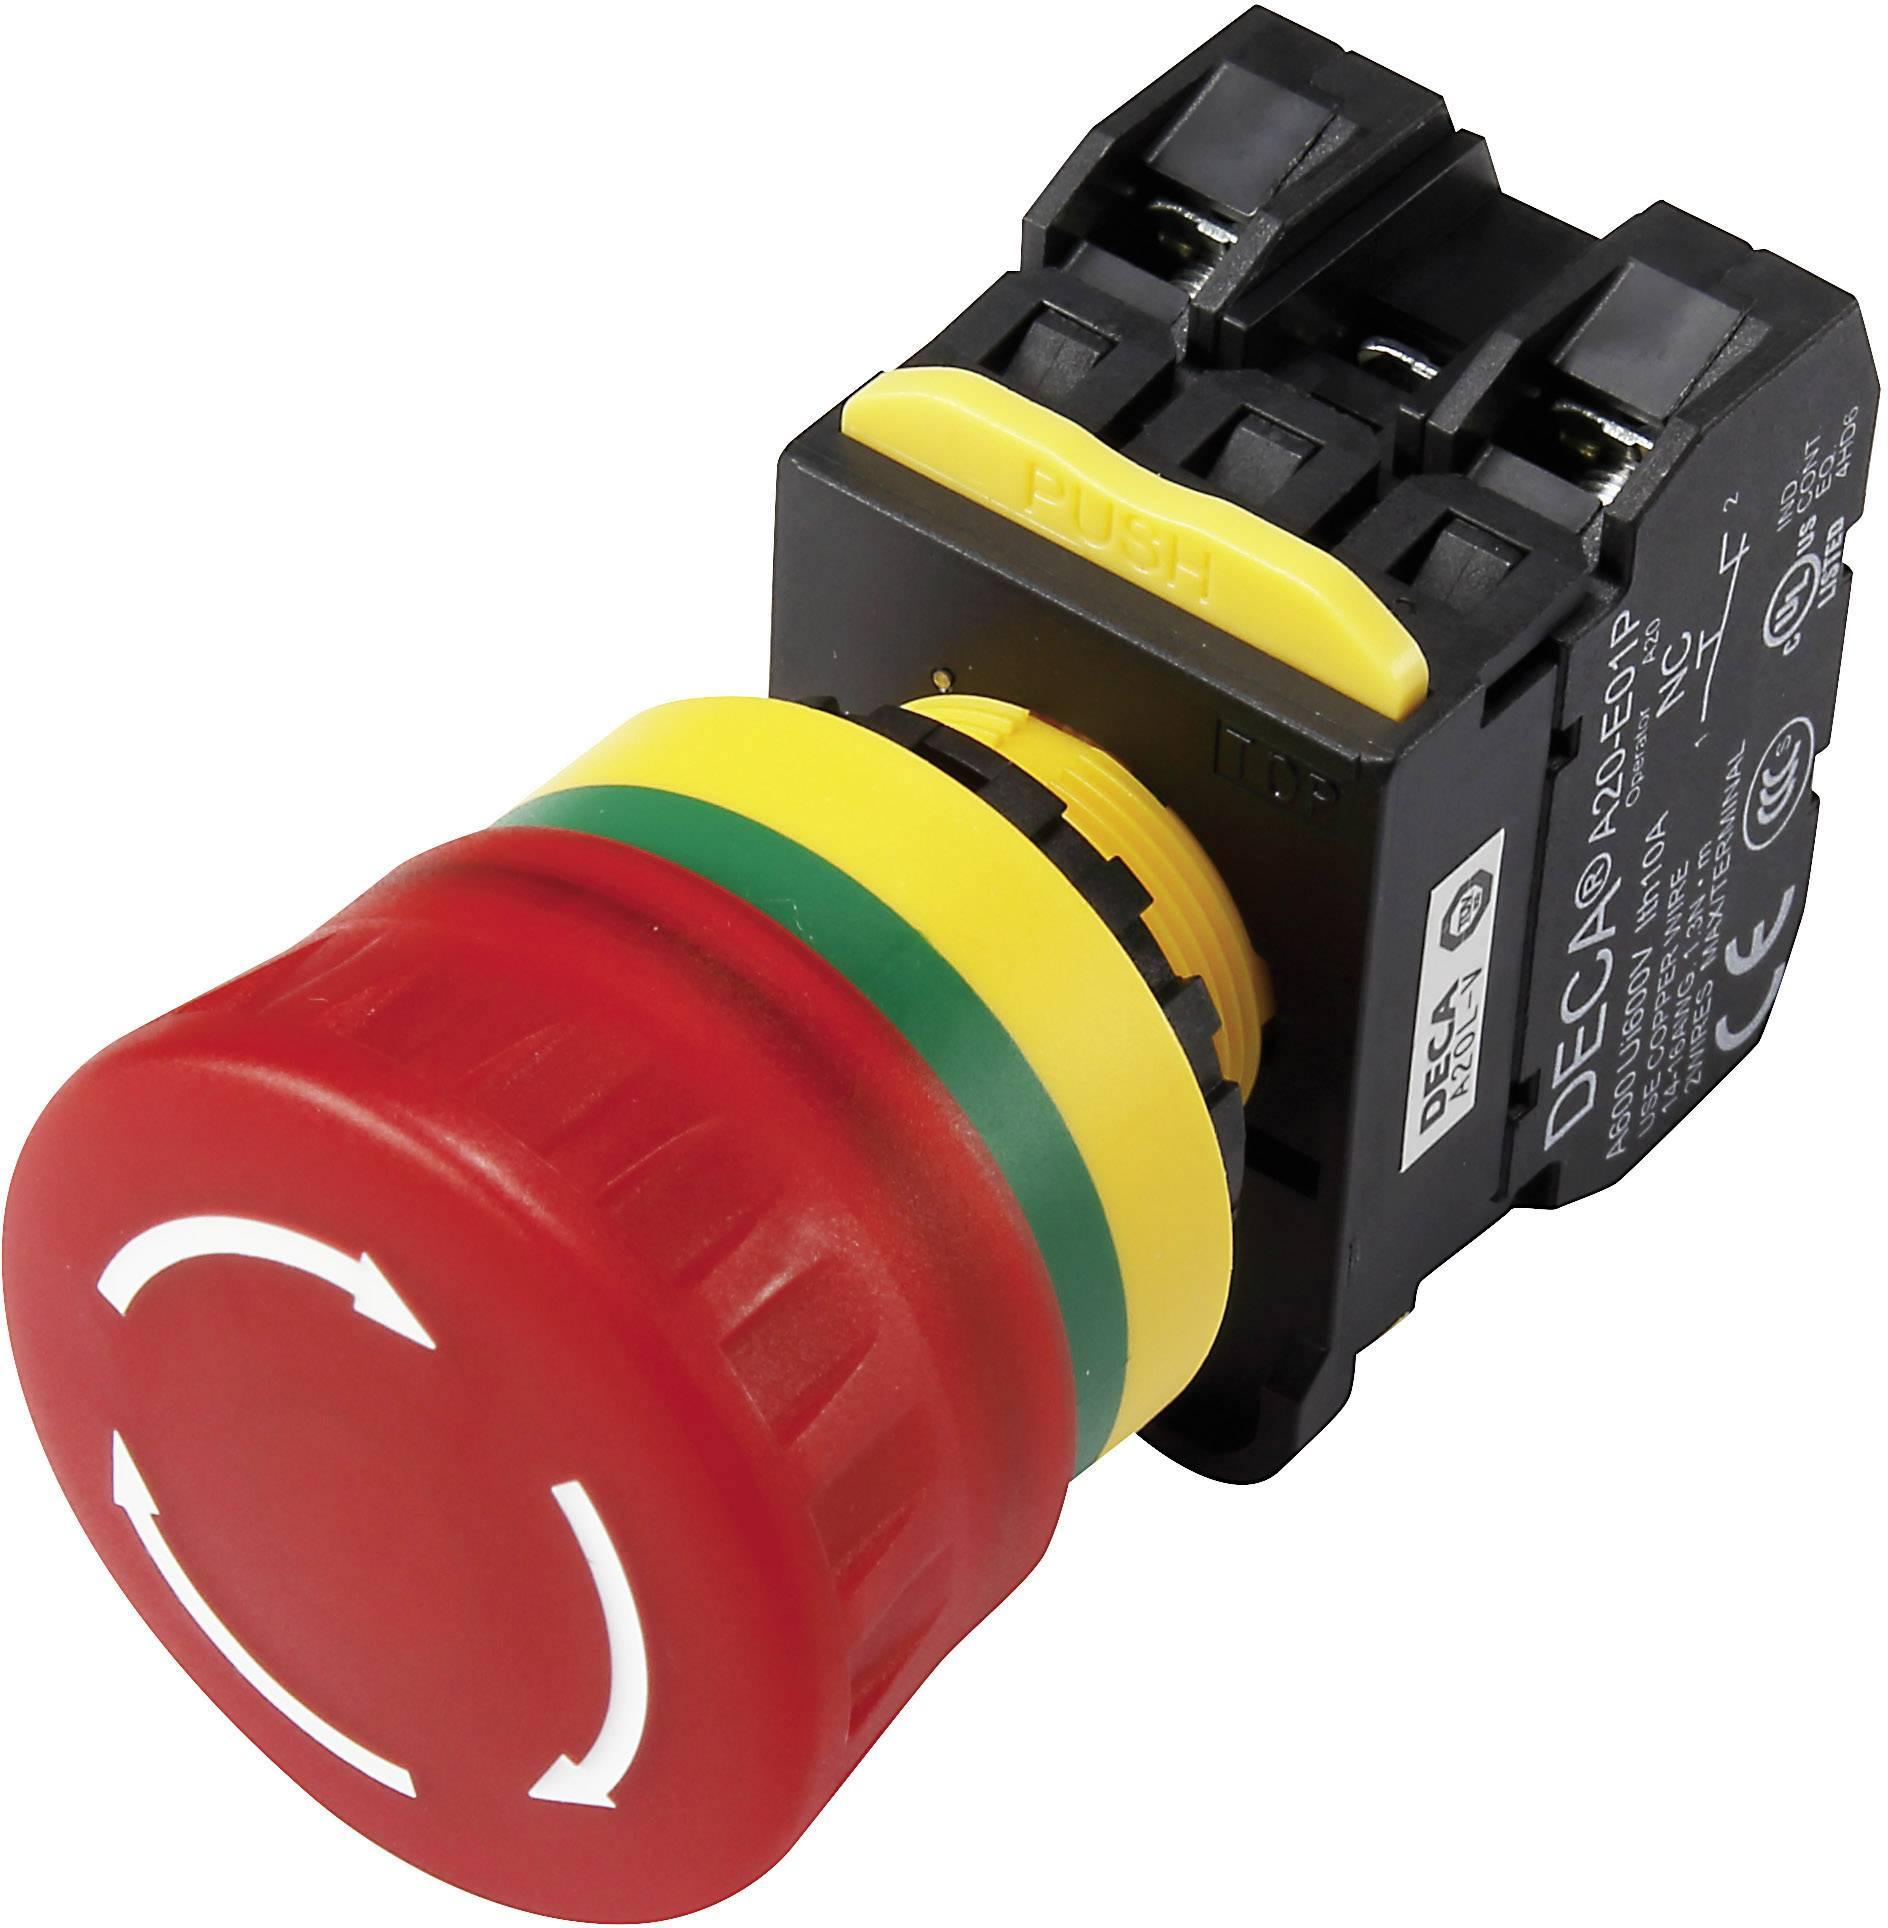 Núdzový vypínač s kontaktným prvkom DECA A20L-V4E20Q5R, 240 V/AC, 6 A